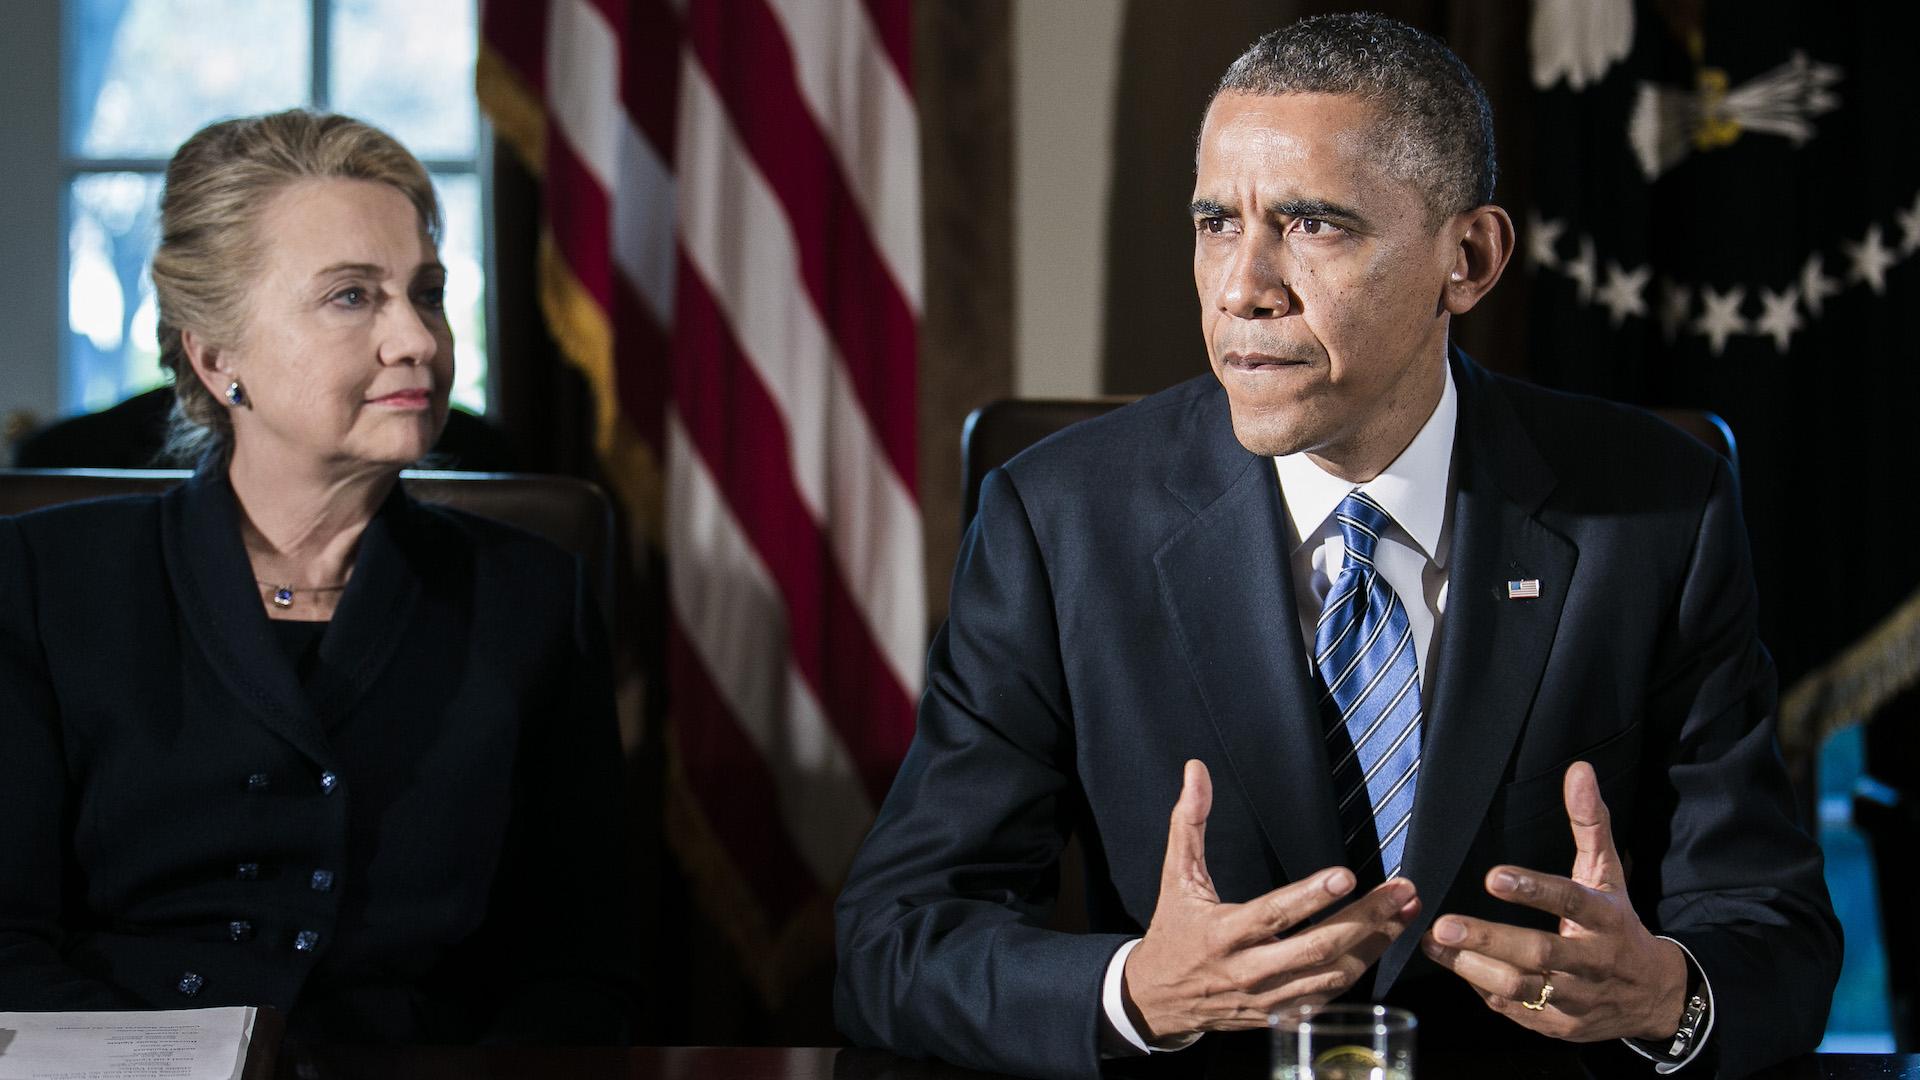 Hallan dos paquetes sospechosos en las casas de Obama y Clinton